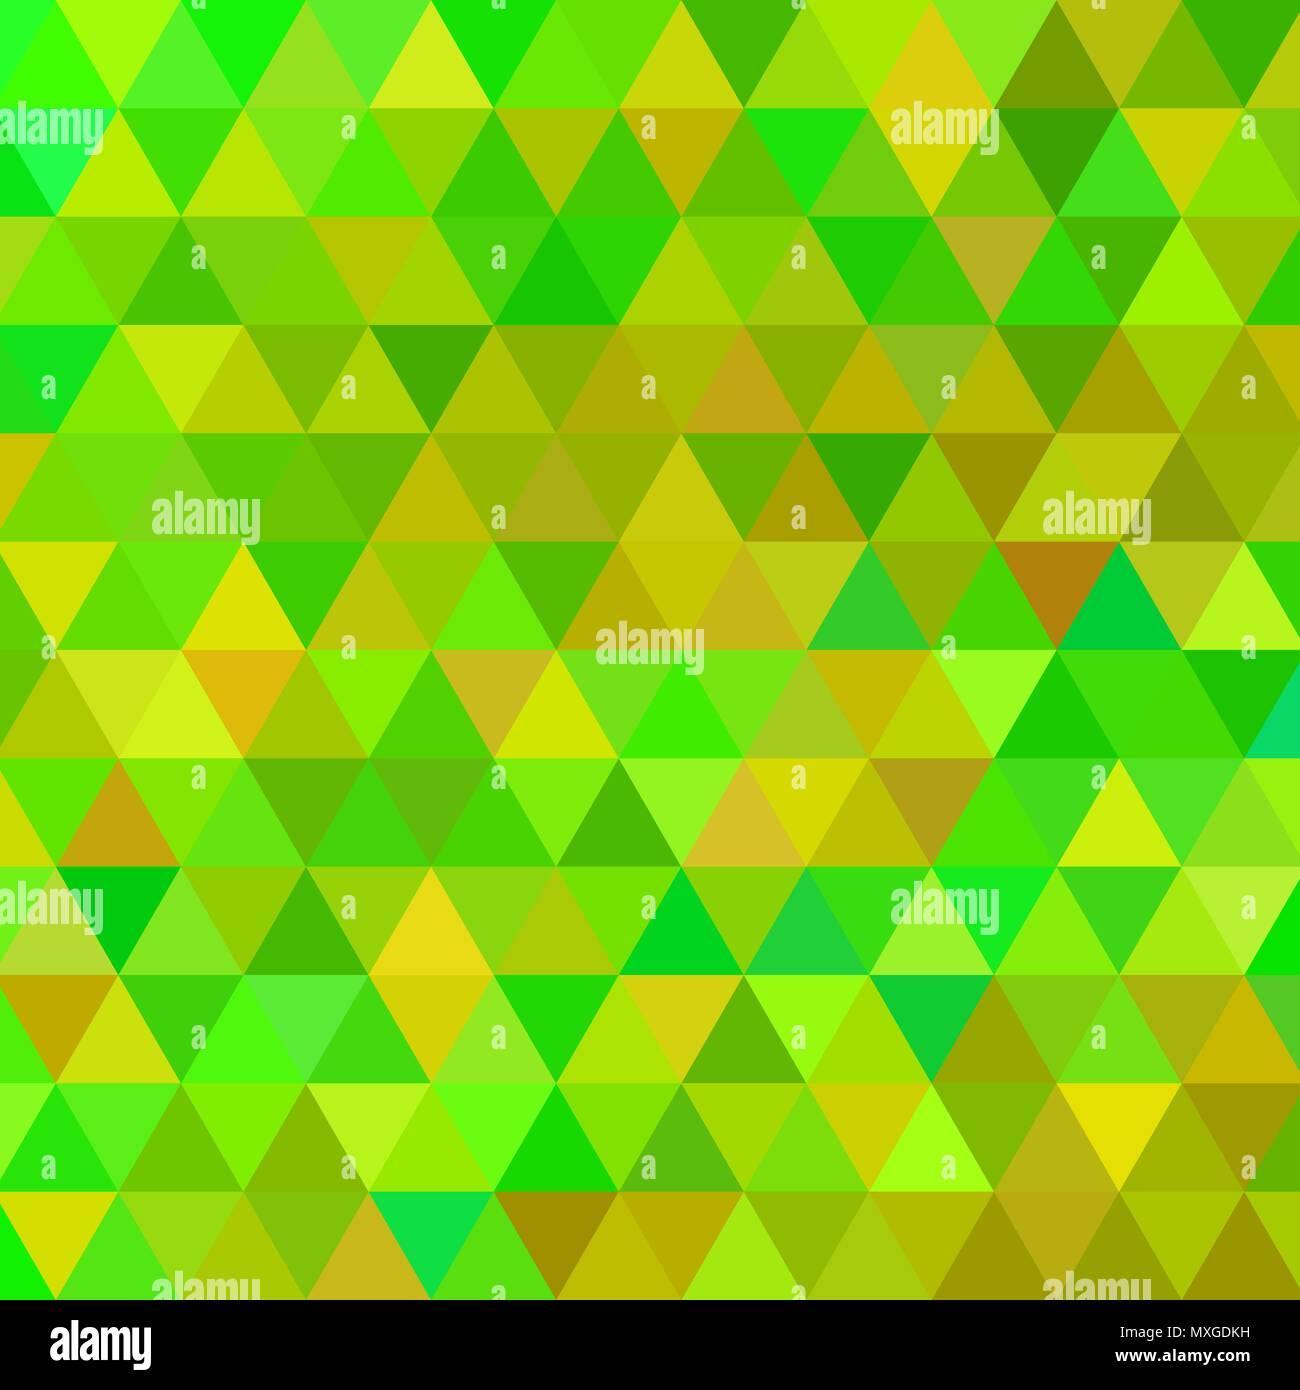 Vettore Astratto Triangolo Geometrico Sfondo Verde E Giallo